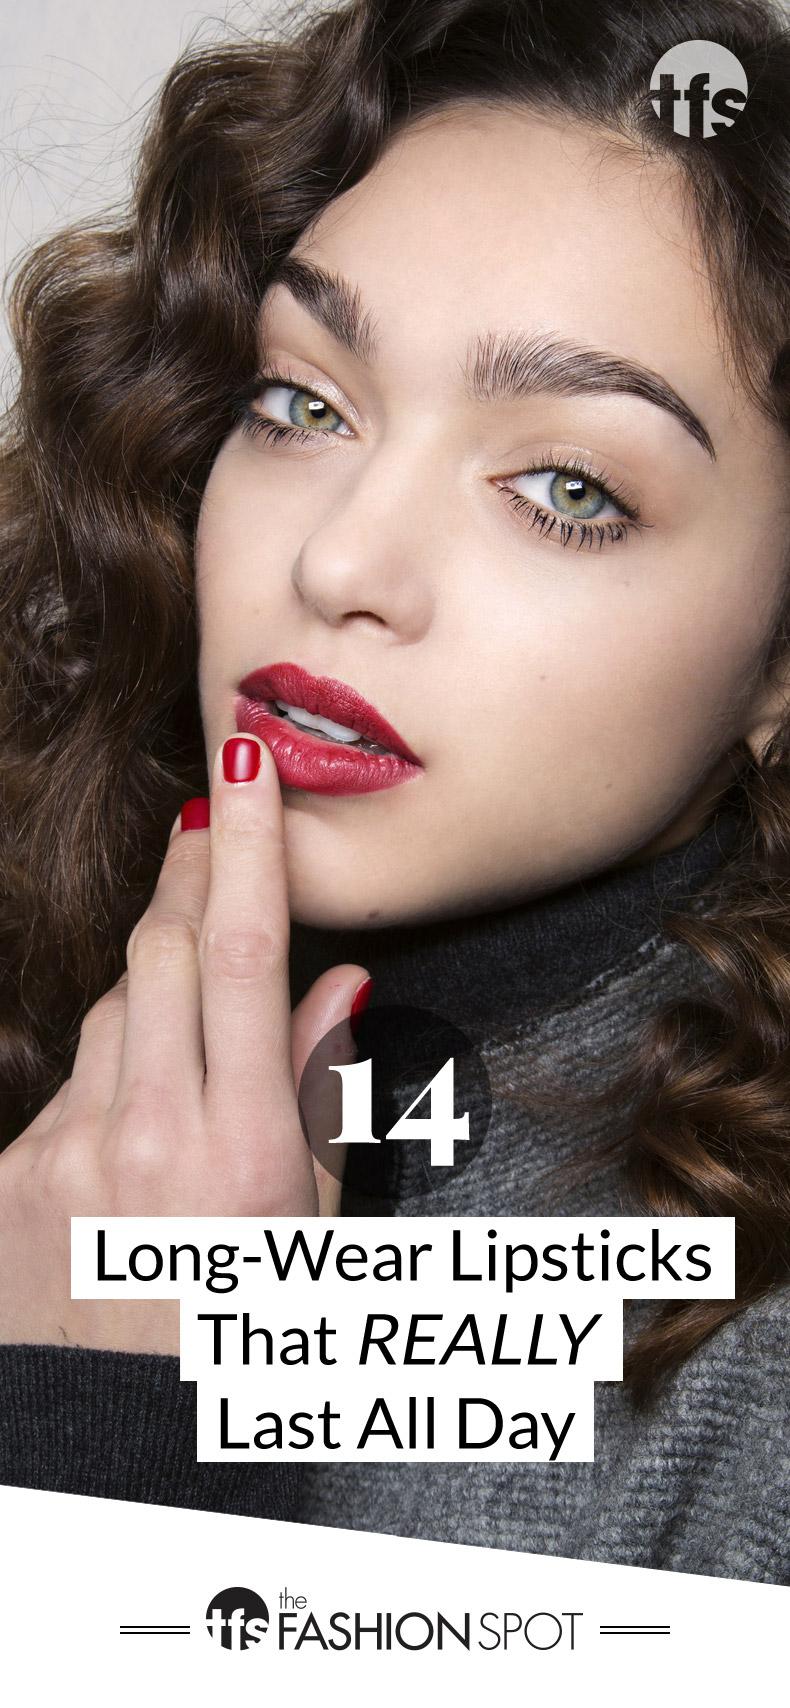 best long-lasting lipsticks